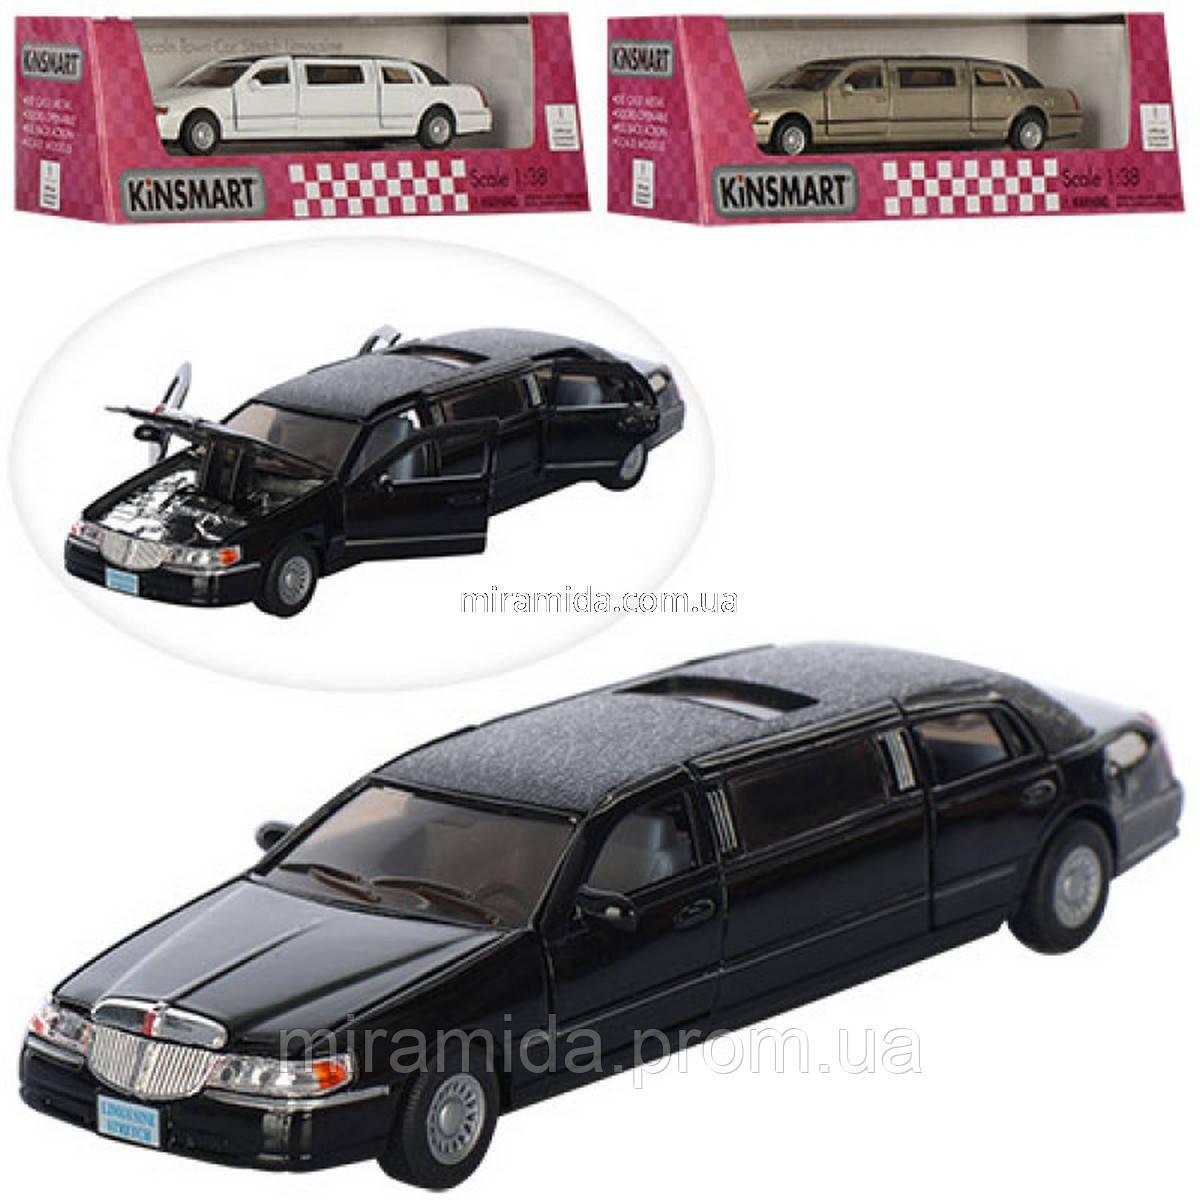 Mashinka Kinsmart Ford Lincoln Town Car Stretch Limousin Prodazha